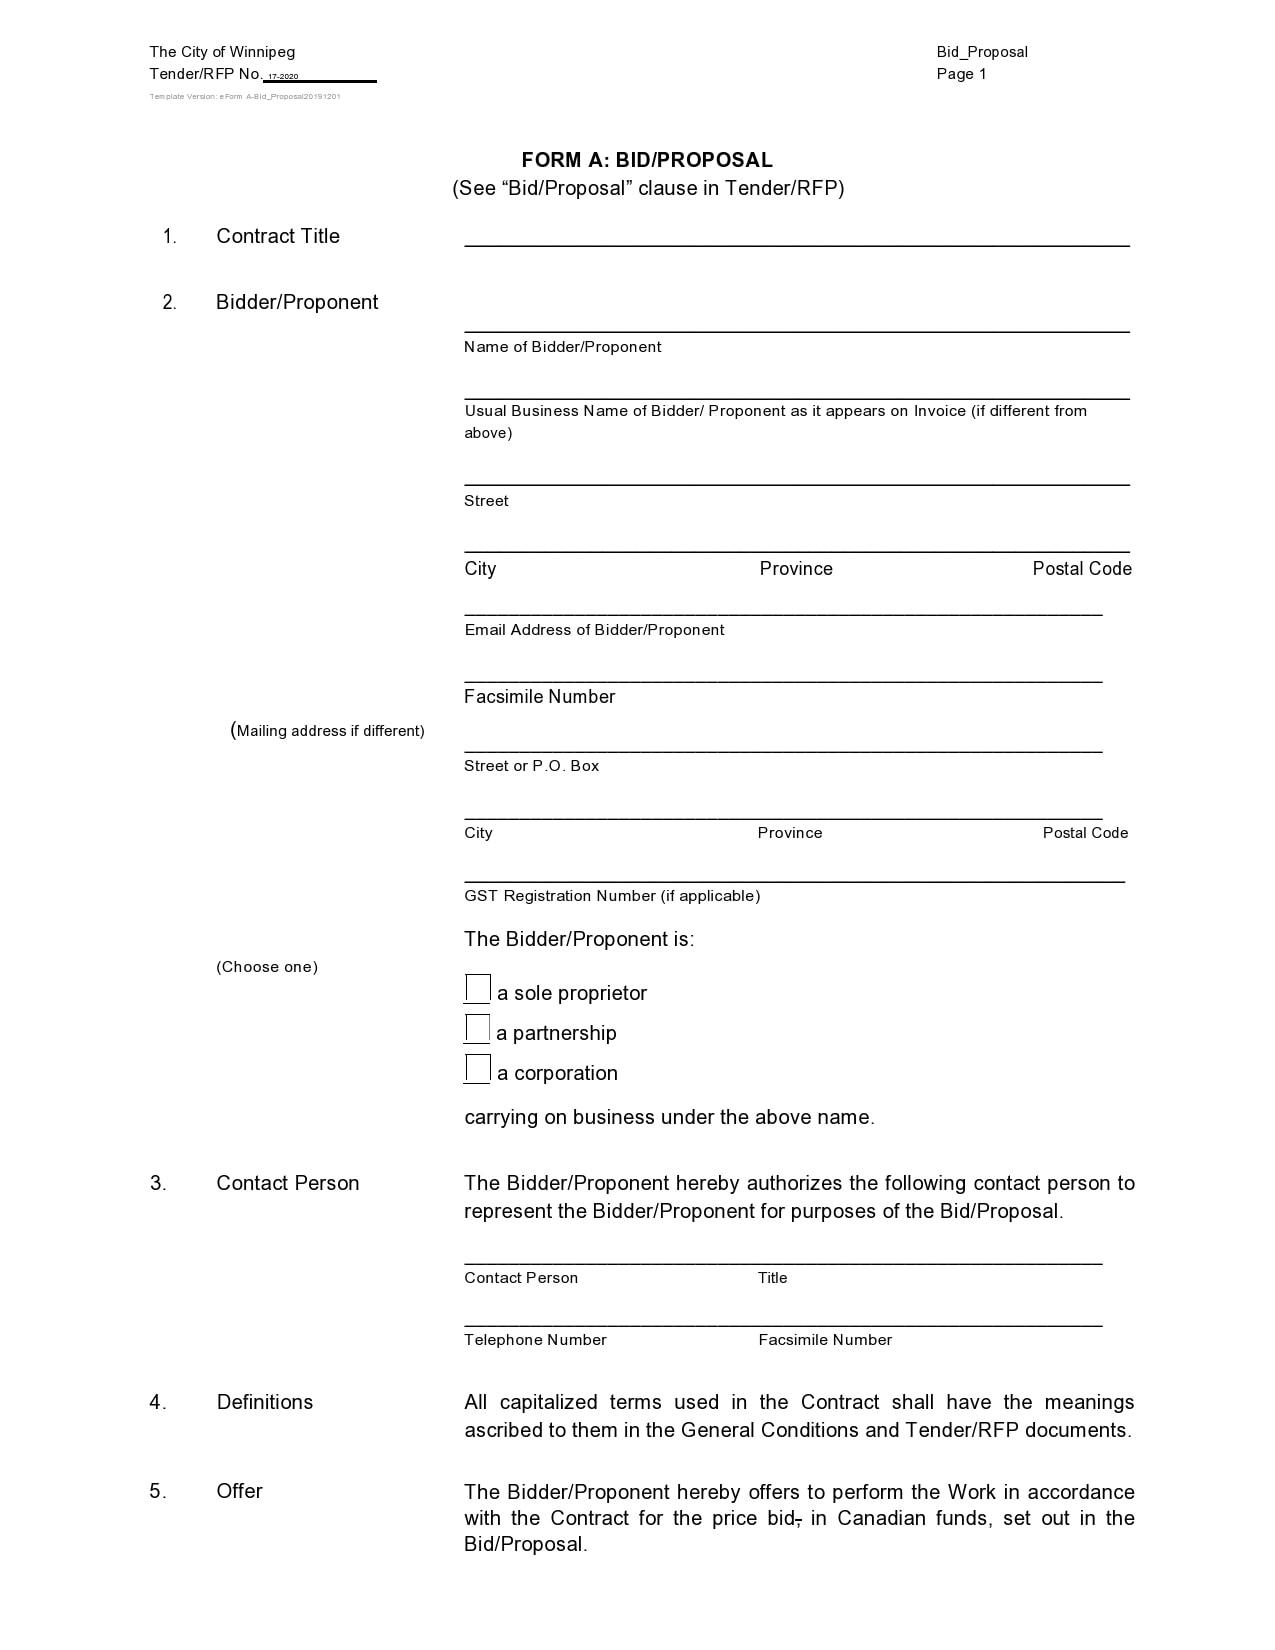 bid proposal 06